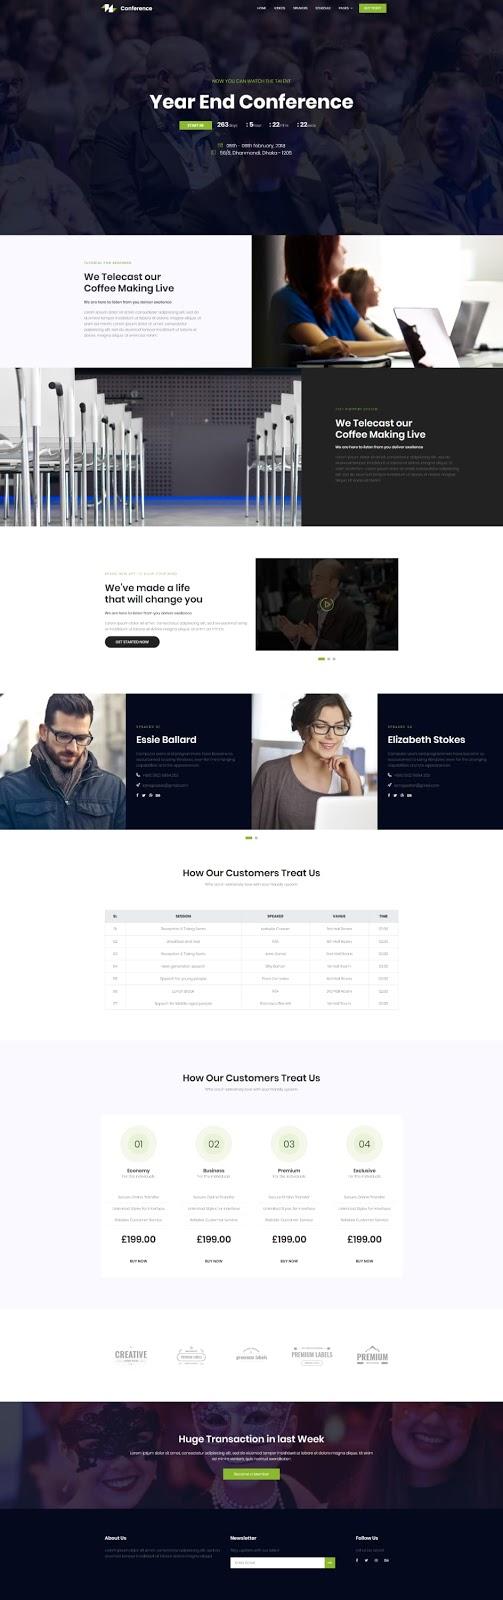 Event Management Registration CME Medical Website Design